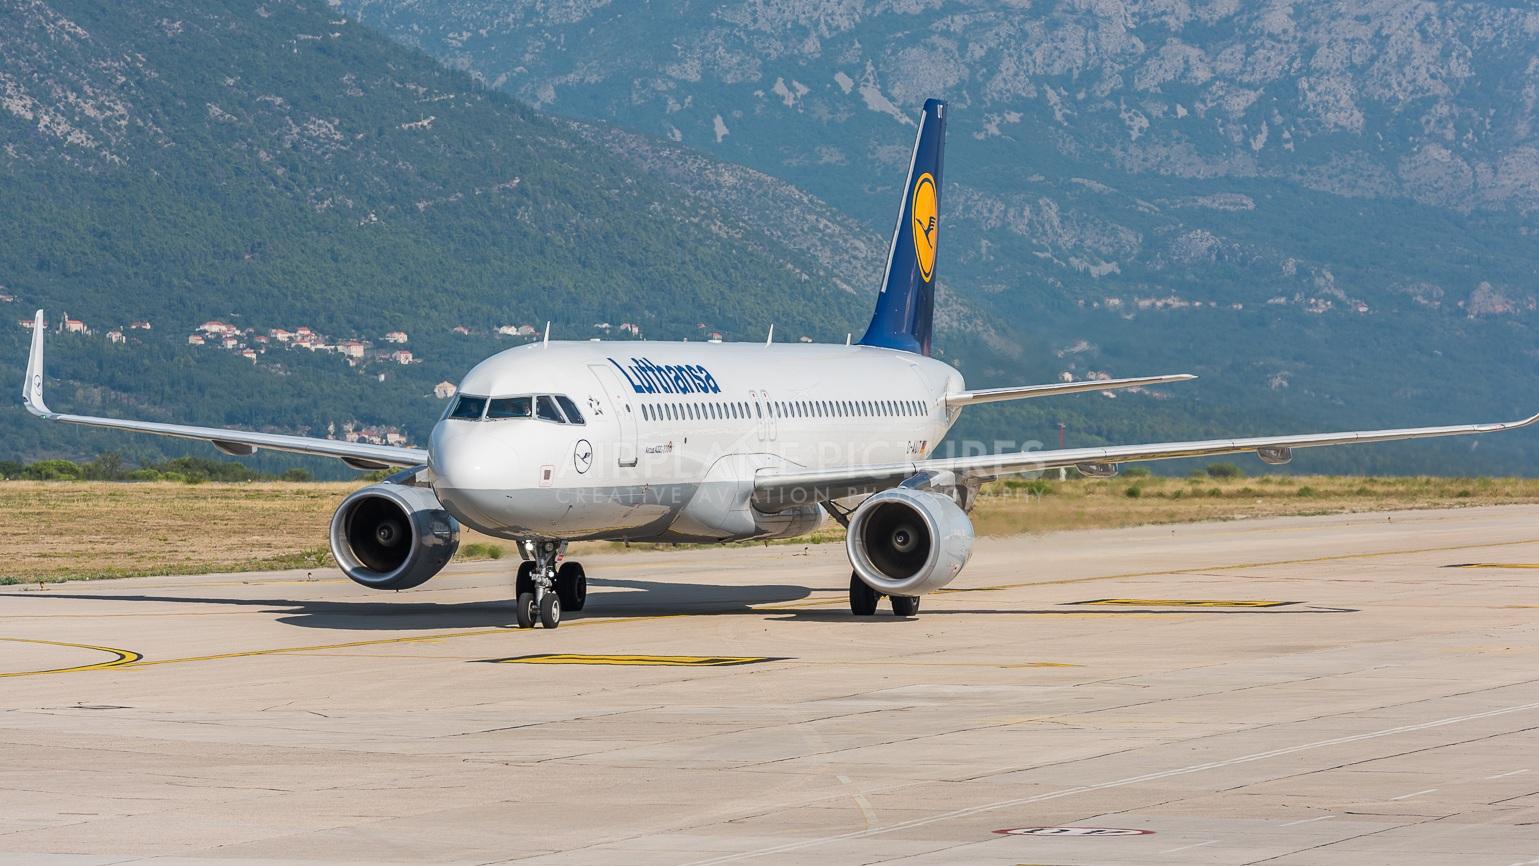 Hemresa - Flyget med Lufthansa avgår kl 16.40 och flyger med kort stopp i München. Ankomst i Göteborg är 21:10.